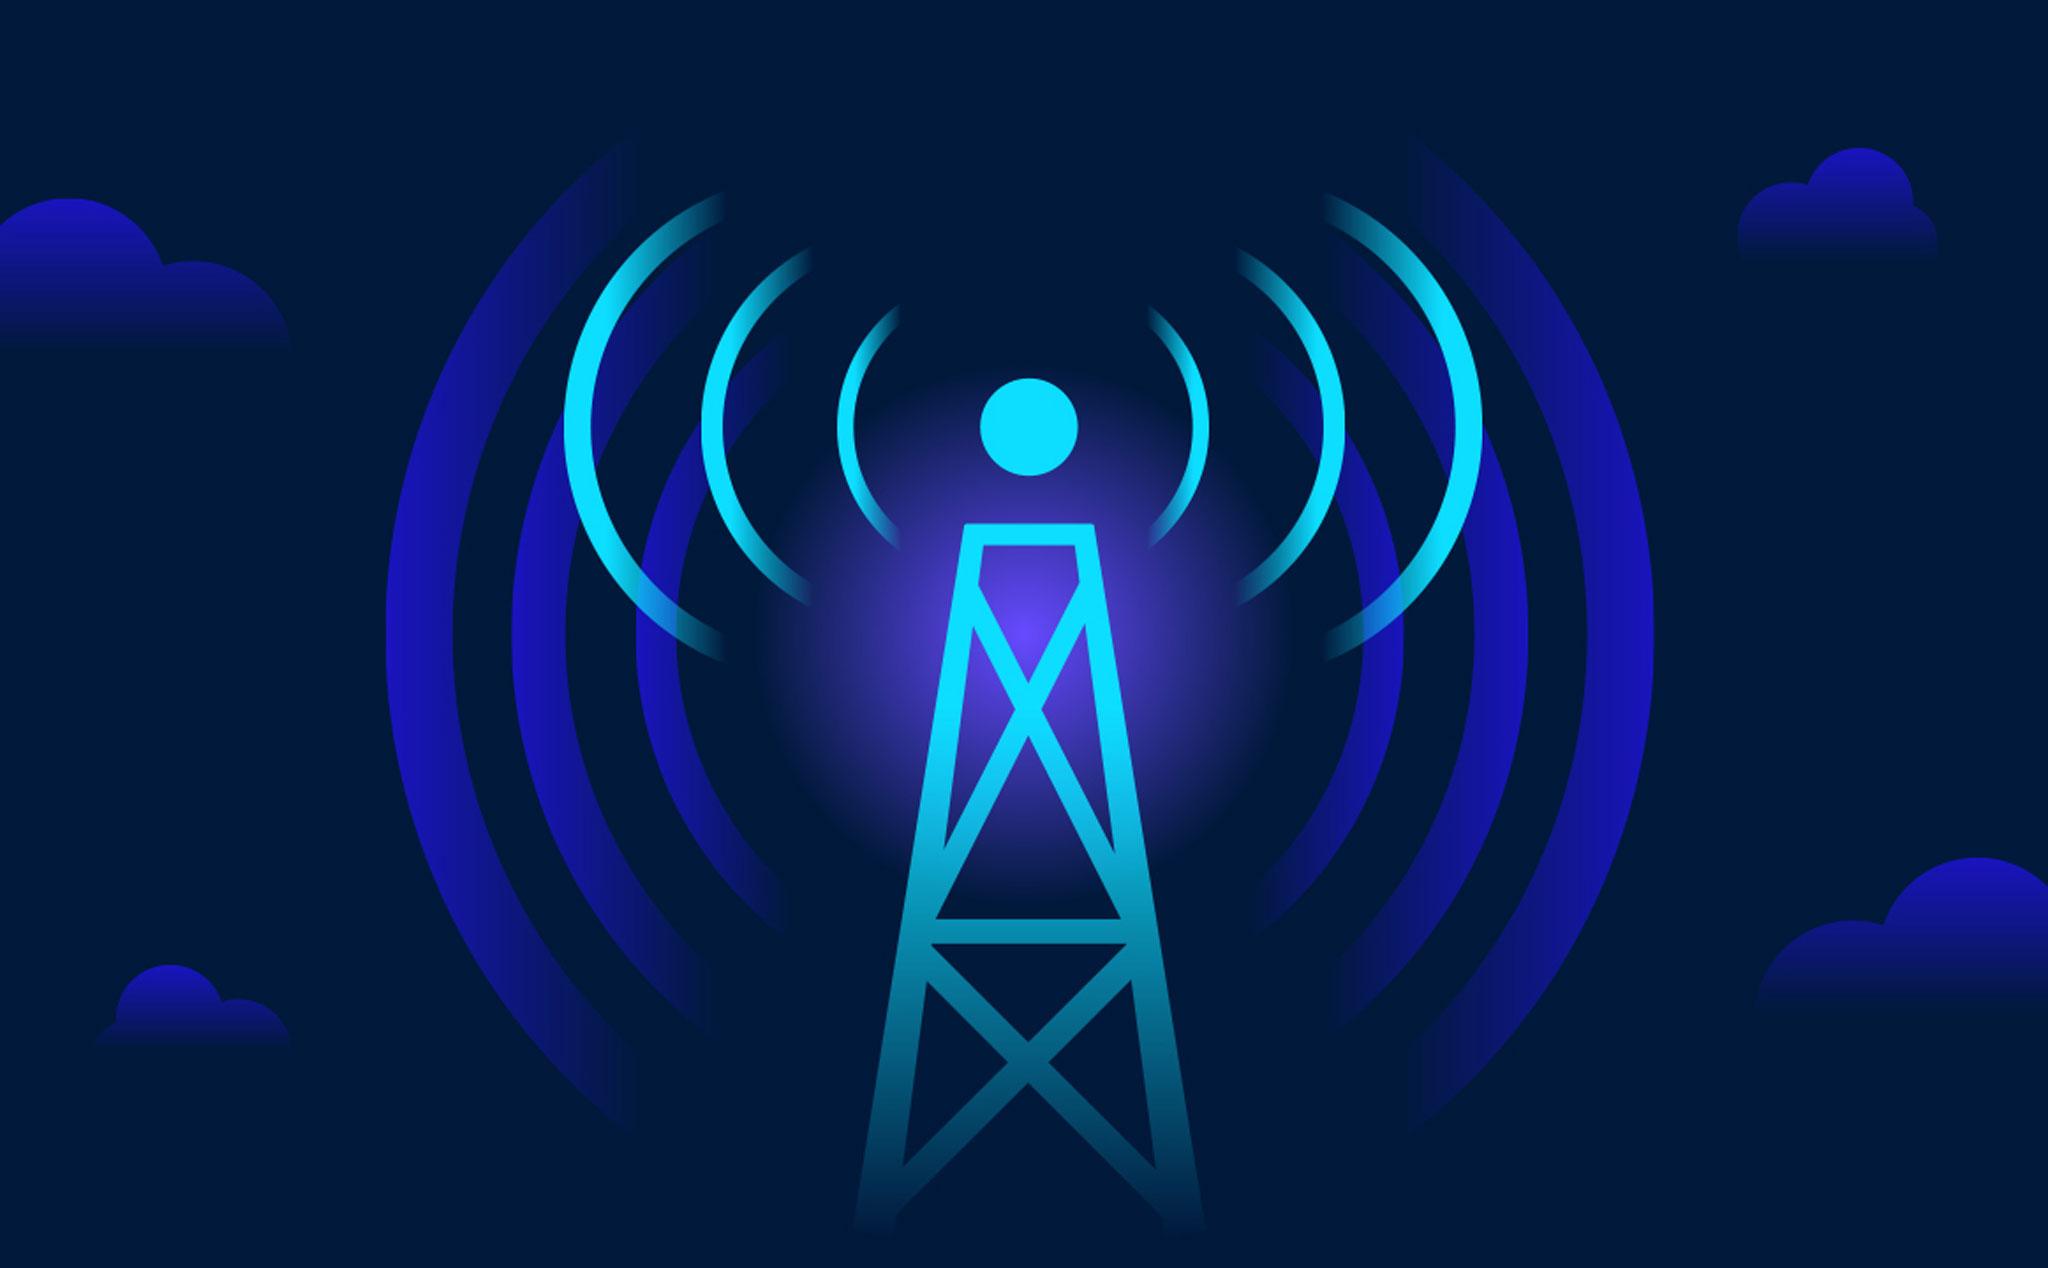 Thế hệ mạng 5G: những điều cơ bản mà anh em cần biết - 1